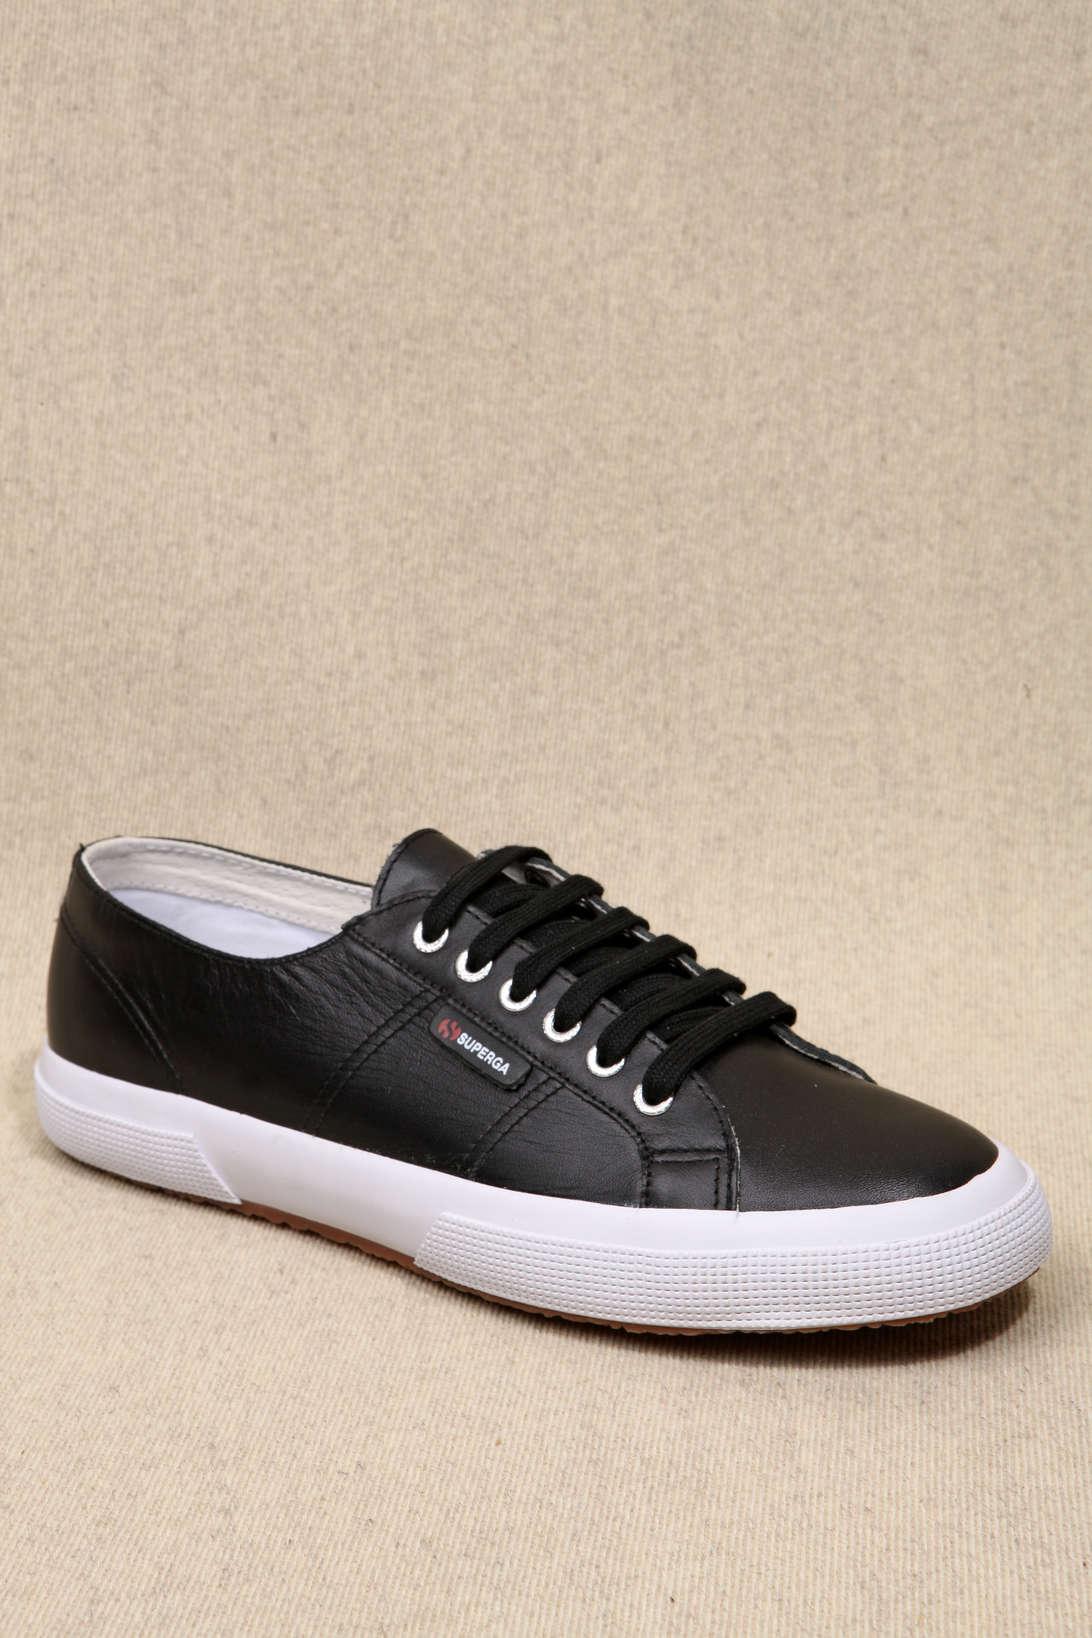 Superga-2750-Cotu-cuir-Noir-lecatalog.com